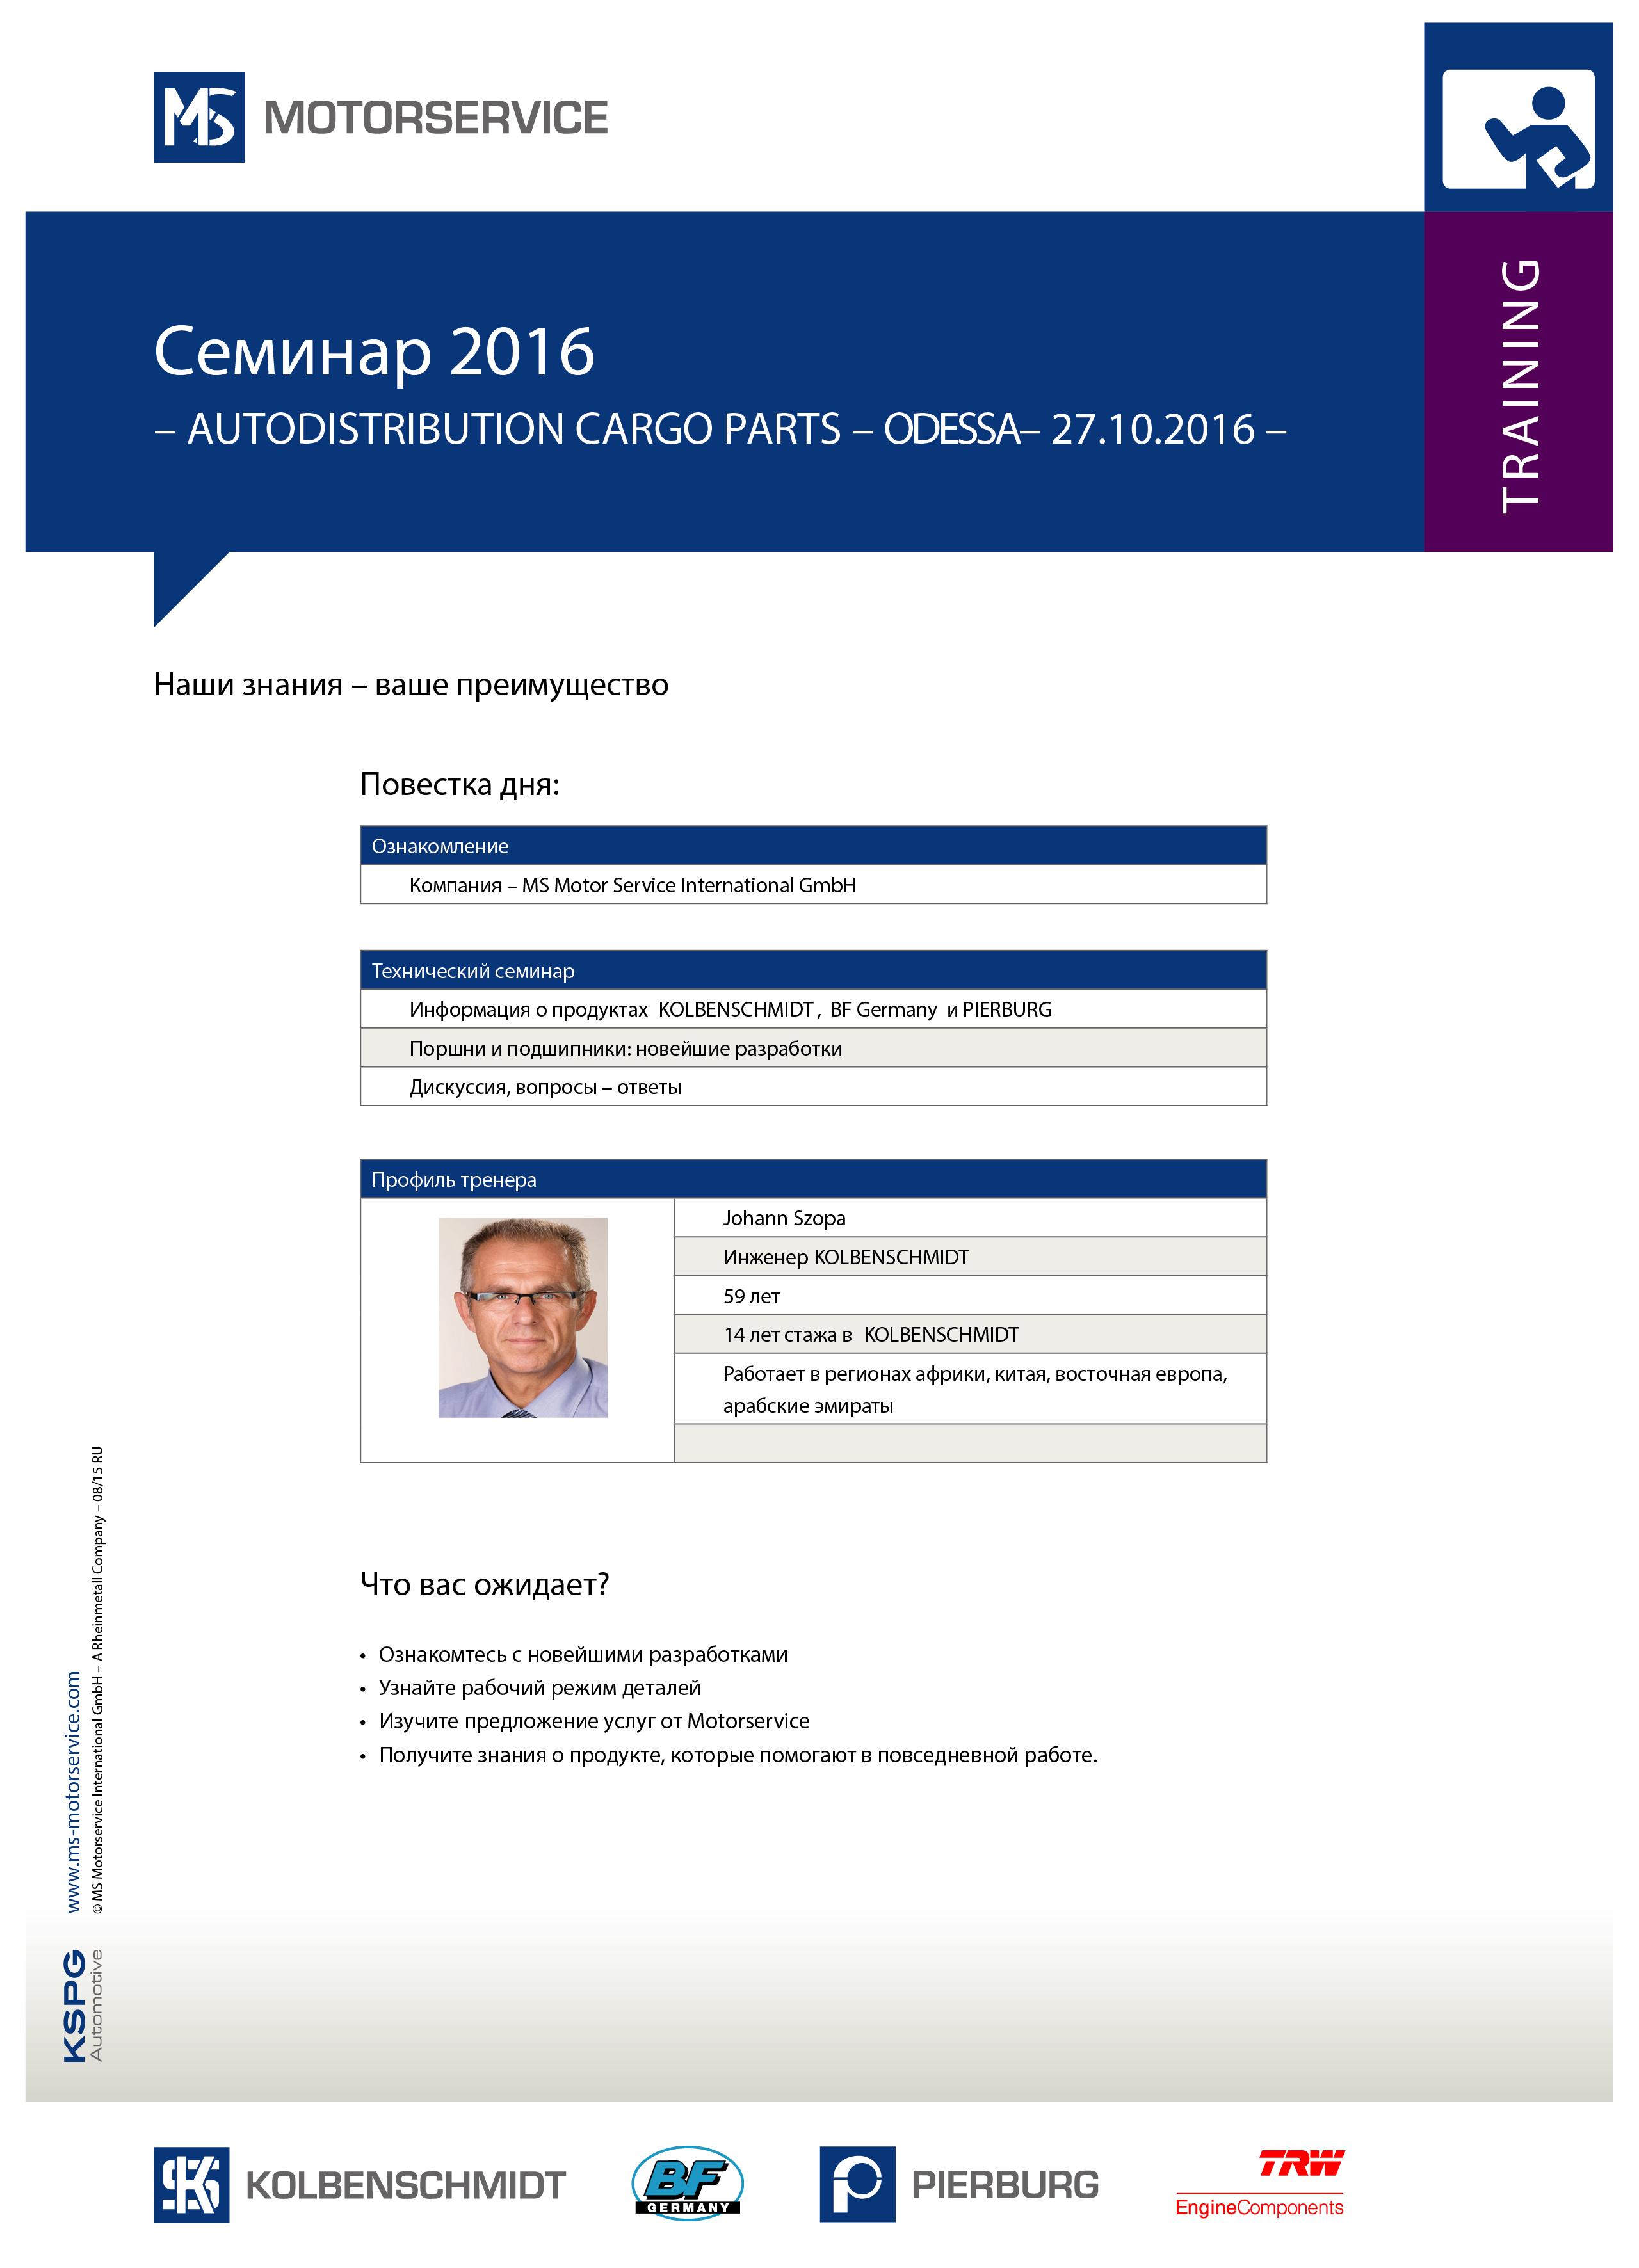 schulung-ukraine-cargo-parts-odessa_ru